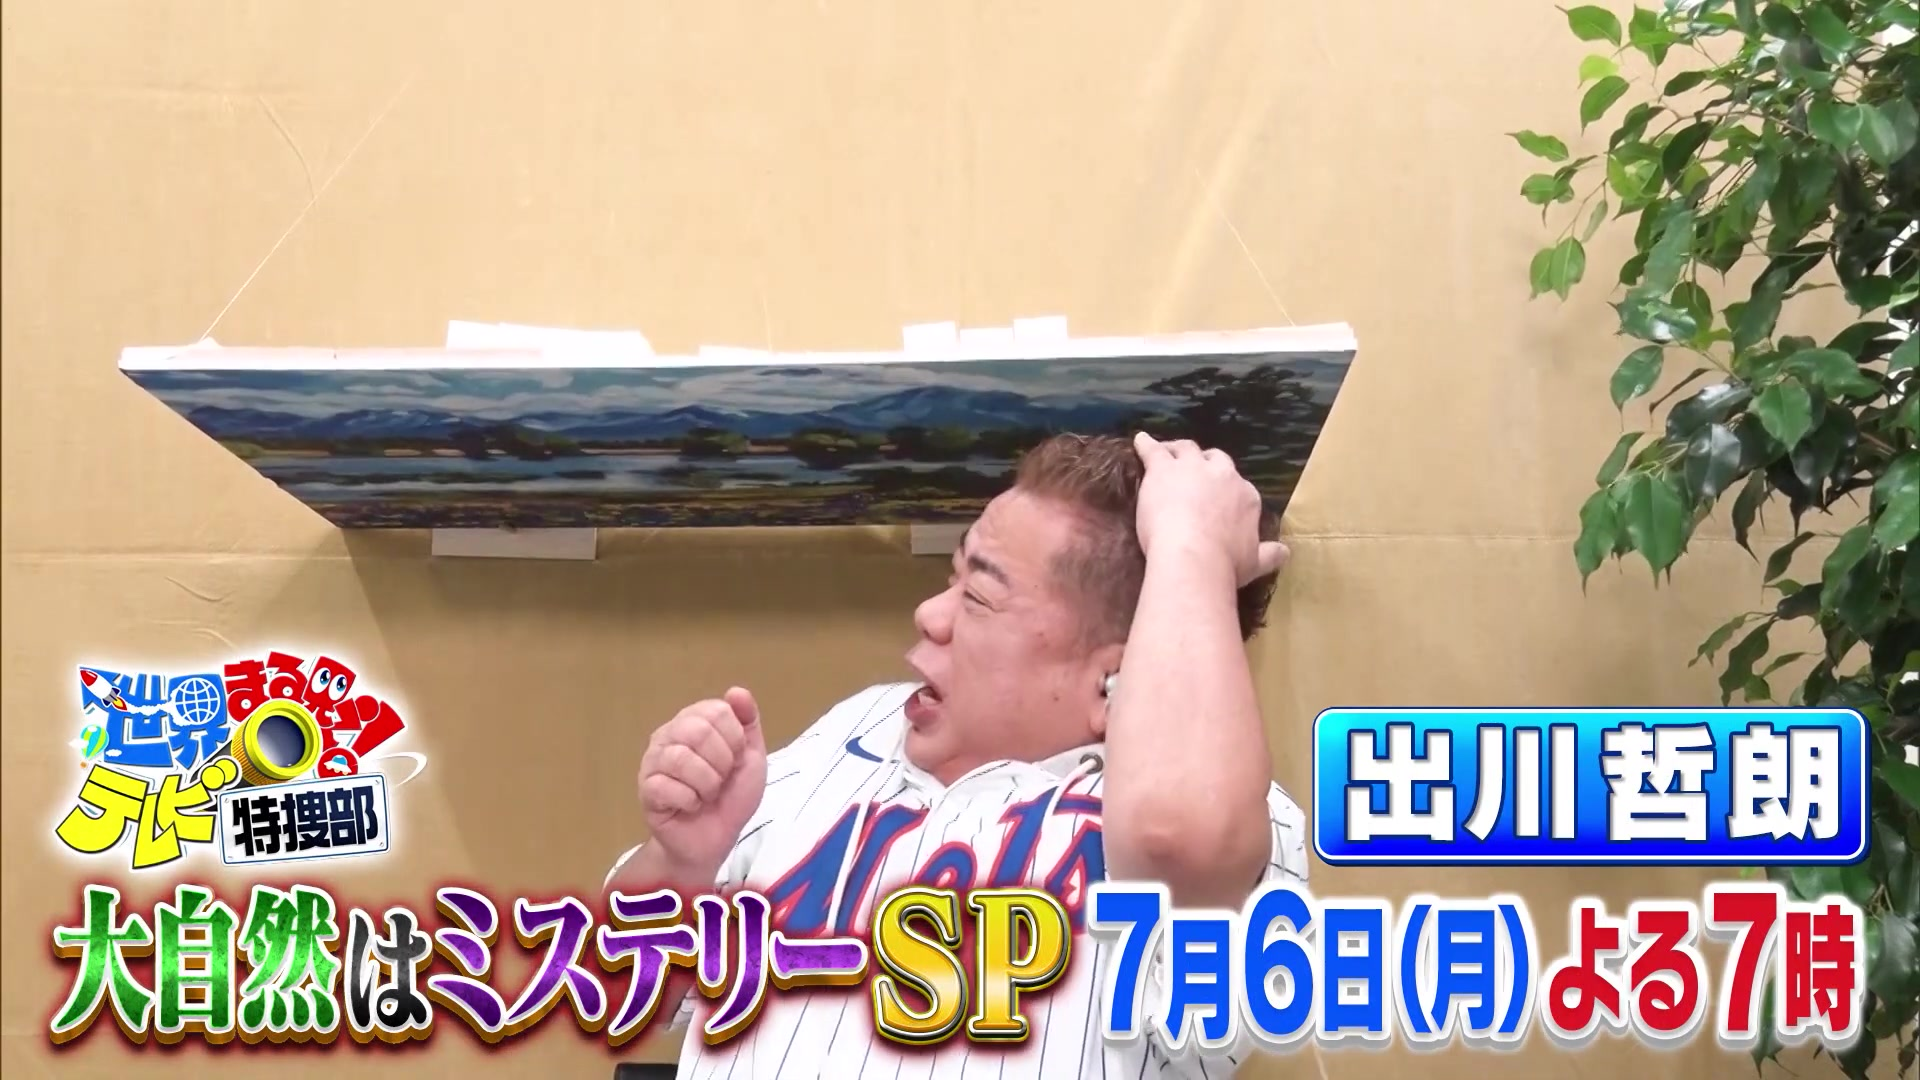 部 特捜 2019 年 日 丸見え 12 月 23 世界 テレビ